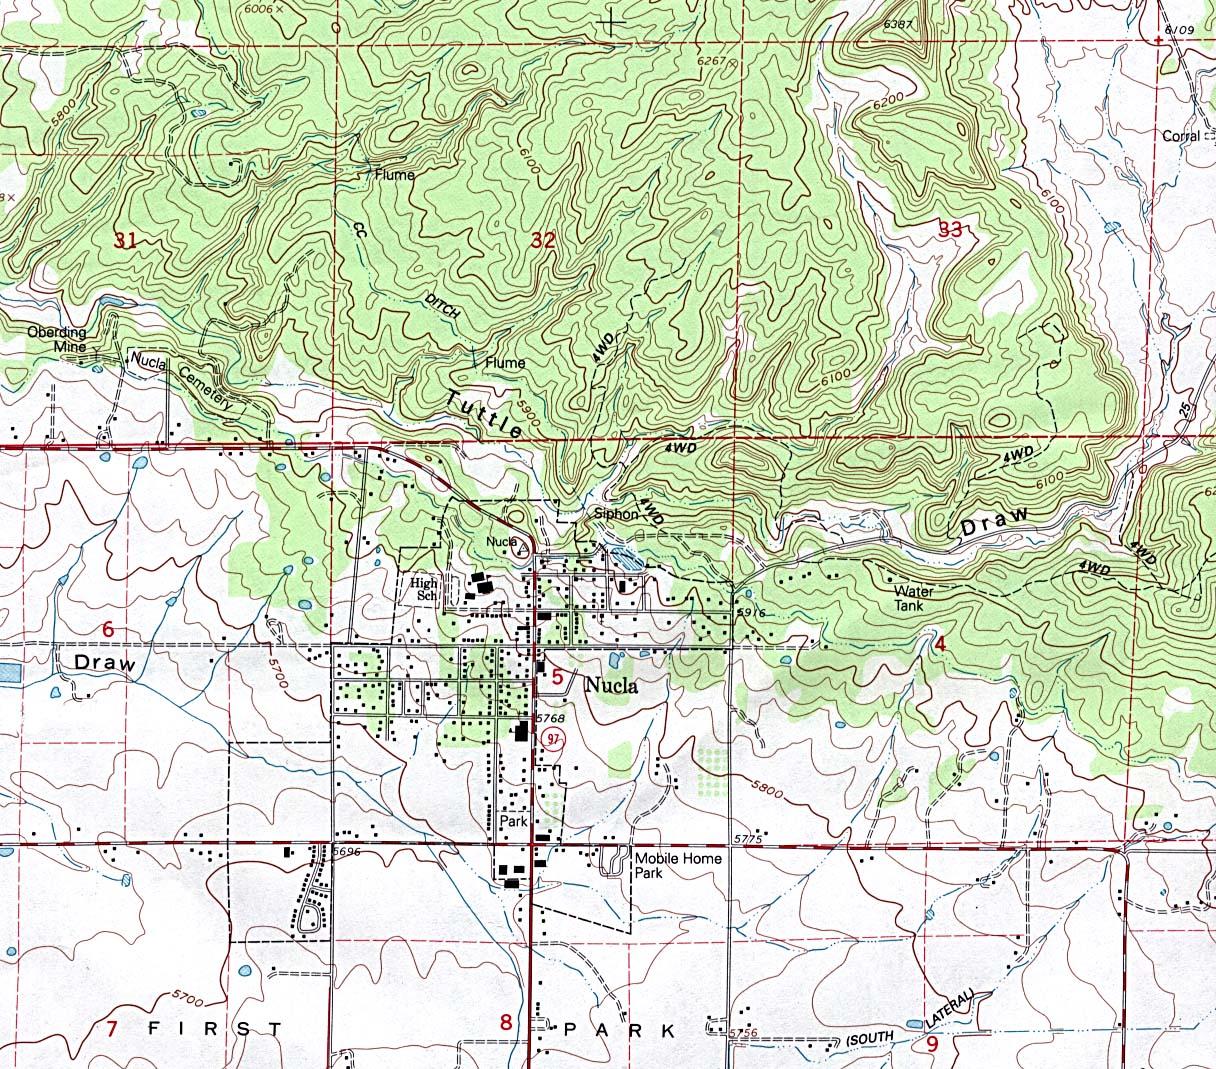 Mapa Topográfico de la Ciudad de Nucla, Colorado, Estados Unidos